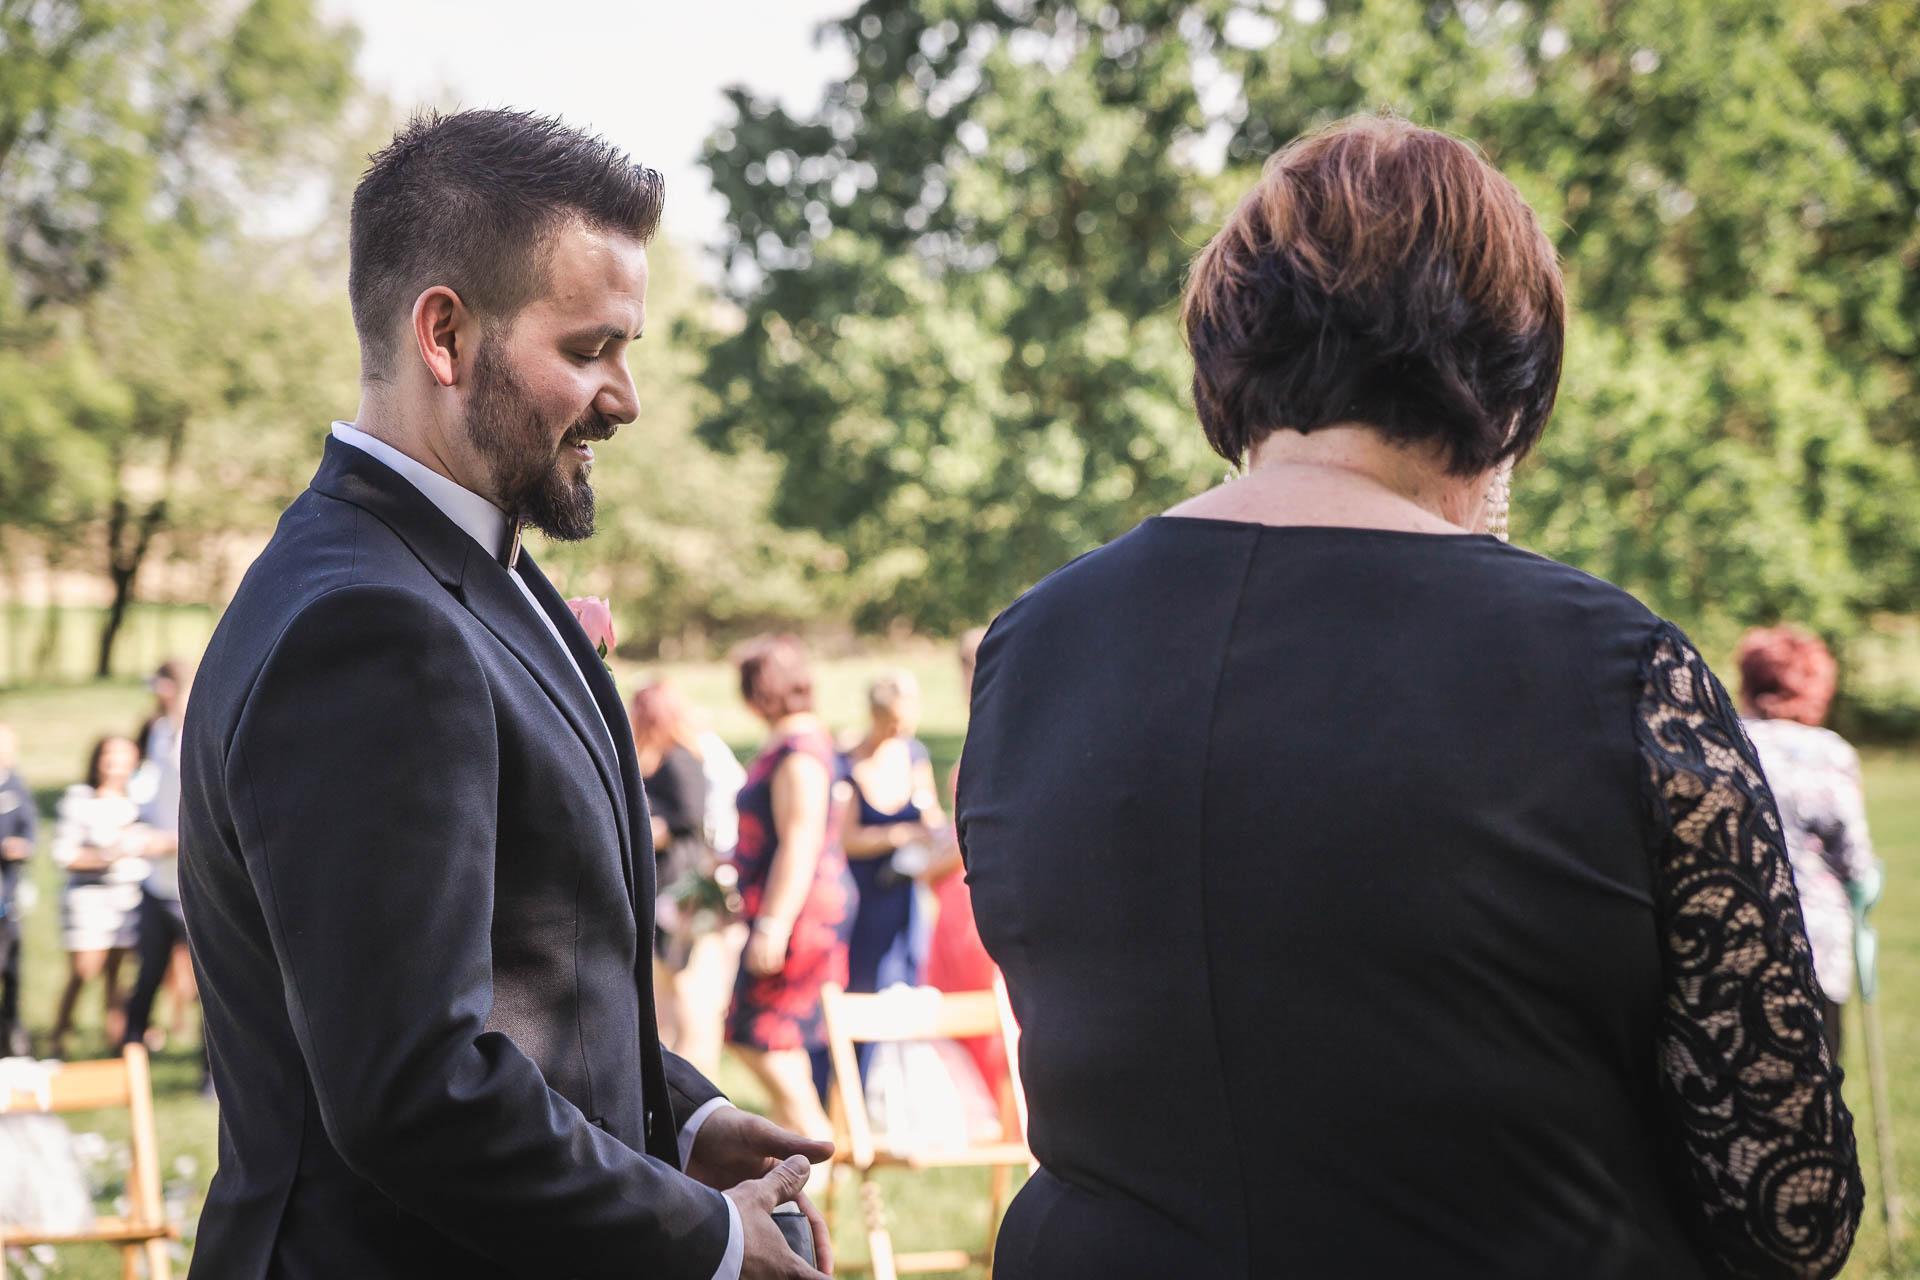 svatební-fotografie-Říp-svatební-video-ŘÍP-svatební-fotograf-ŘÍP-svatba-Mělník-svatba-Neratovice-fotograf-na-savtbu-kameraman-na-svatbu-71